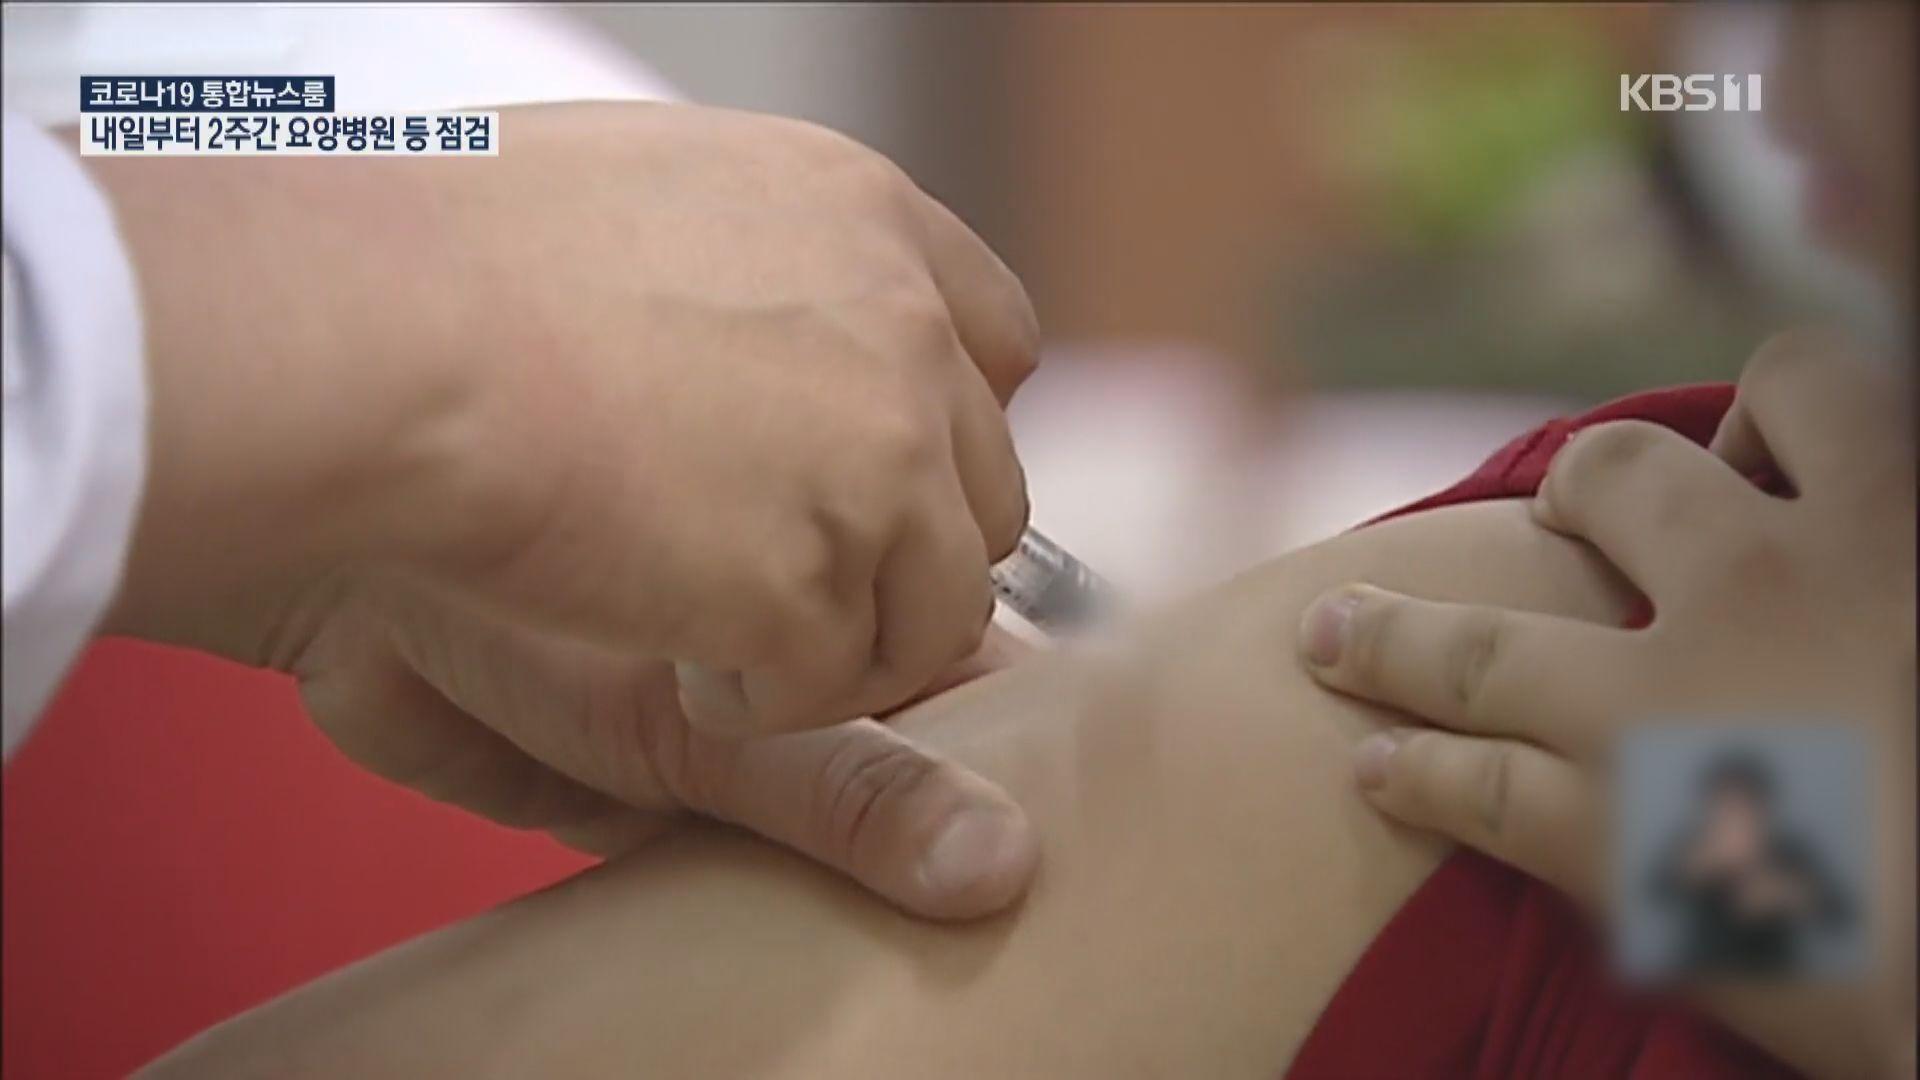 南韓:不會暫停流感疫苗接種計劃